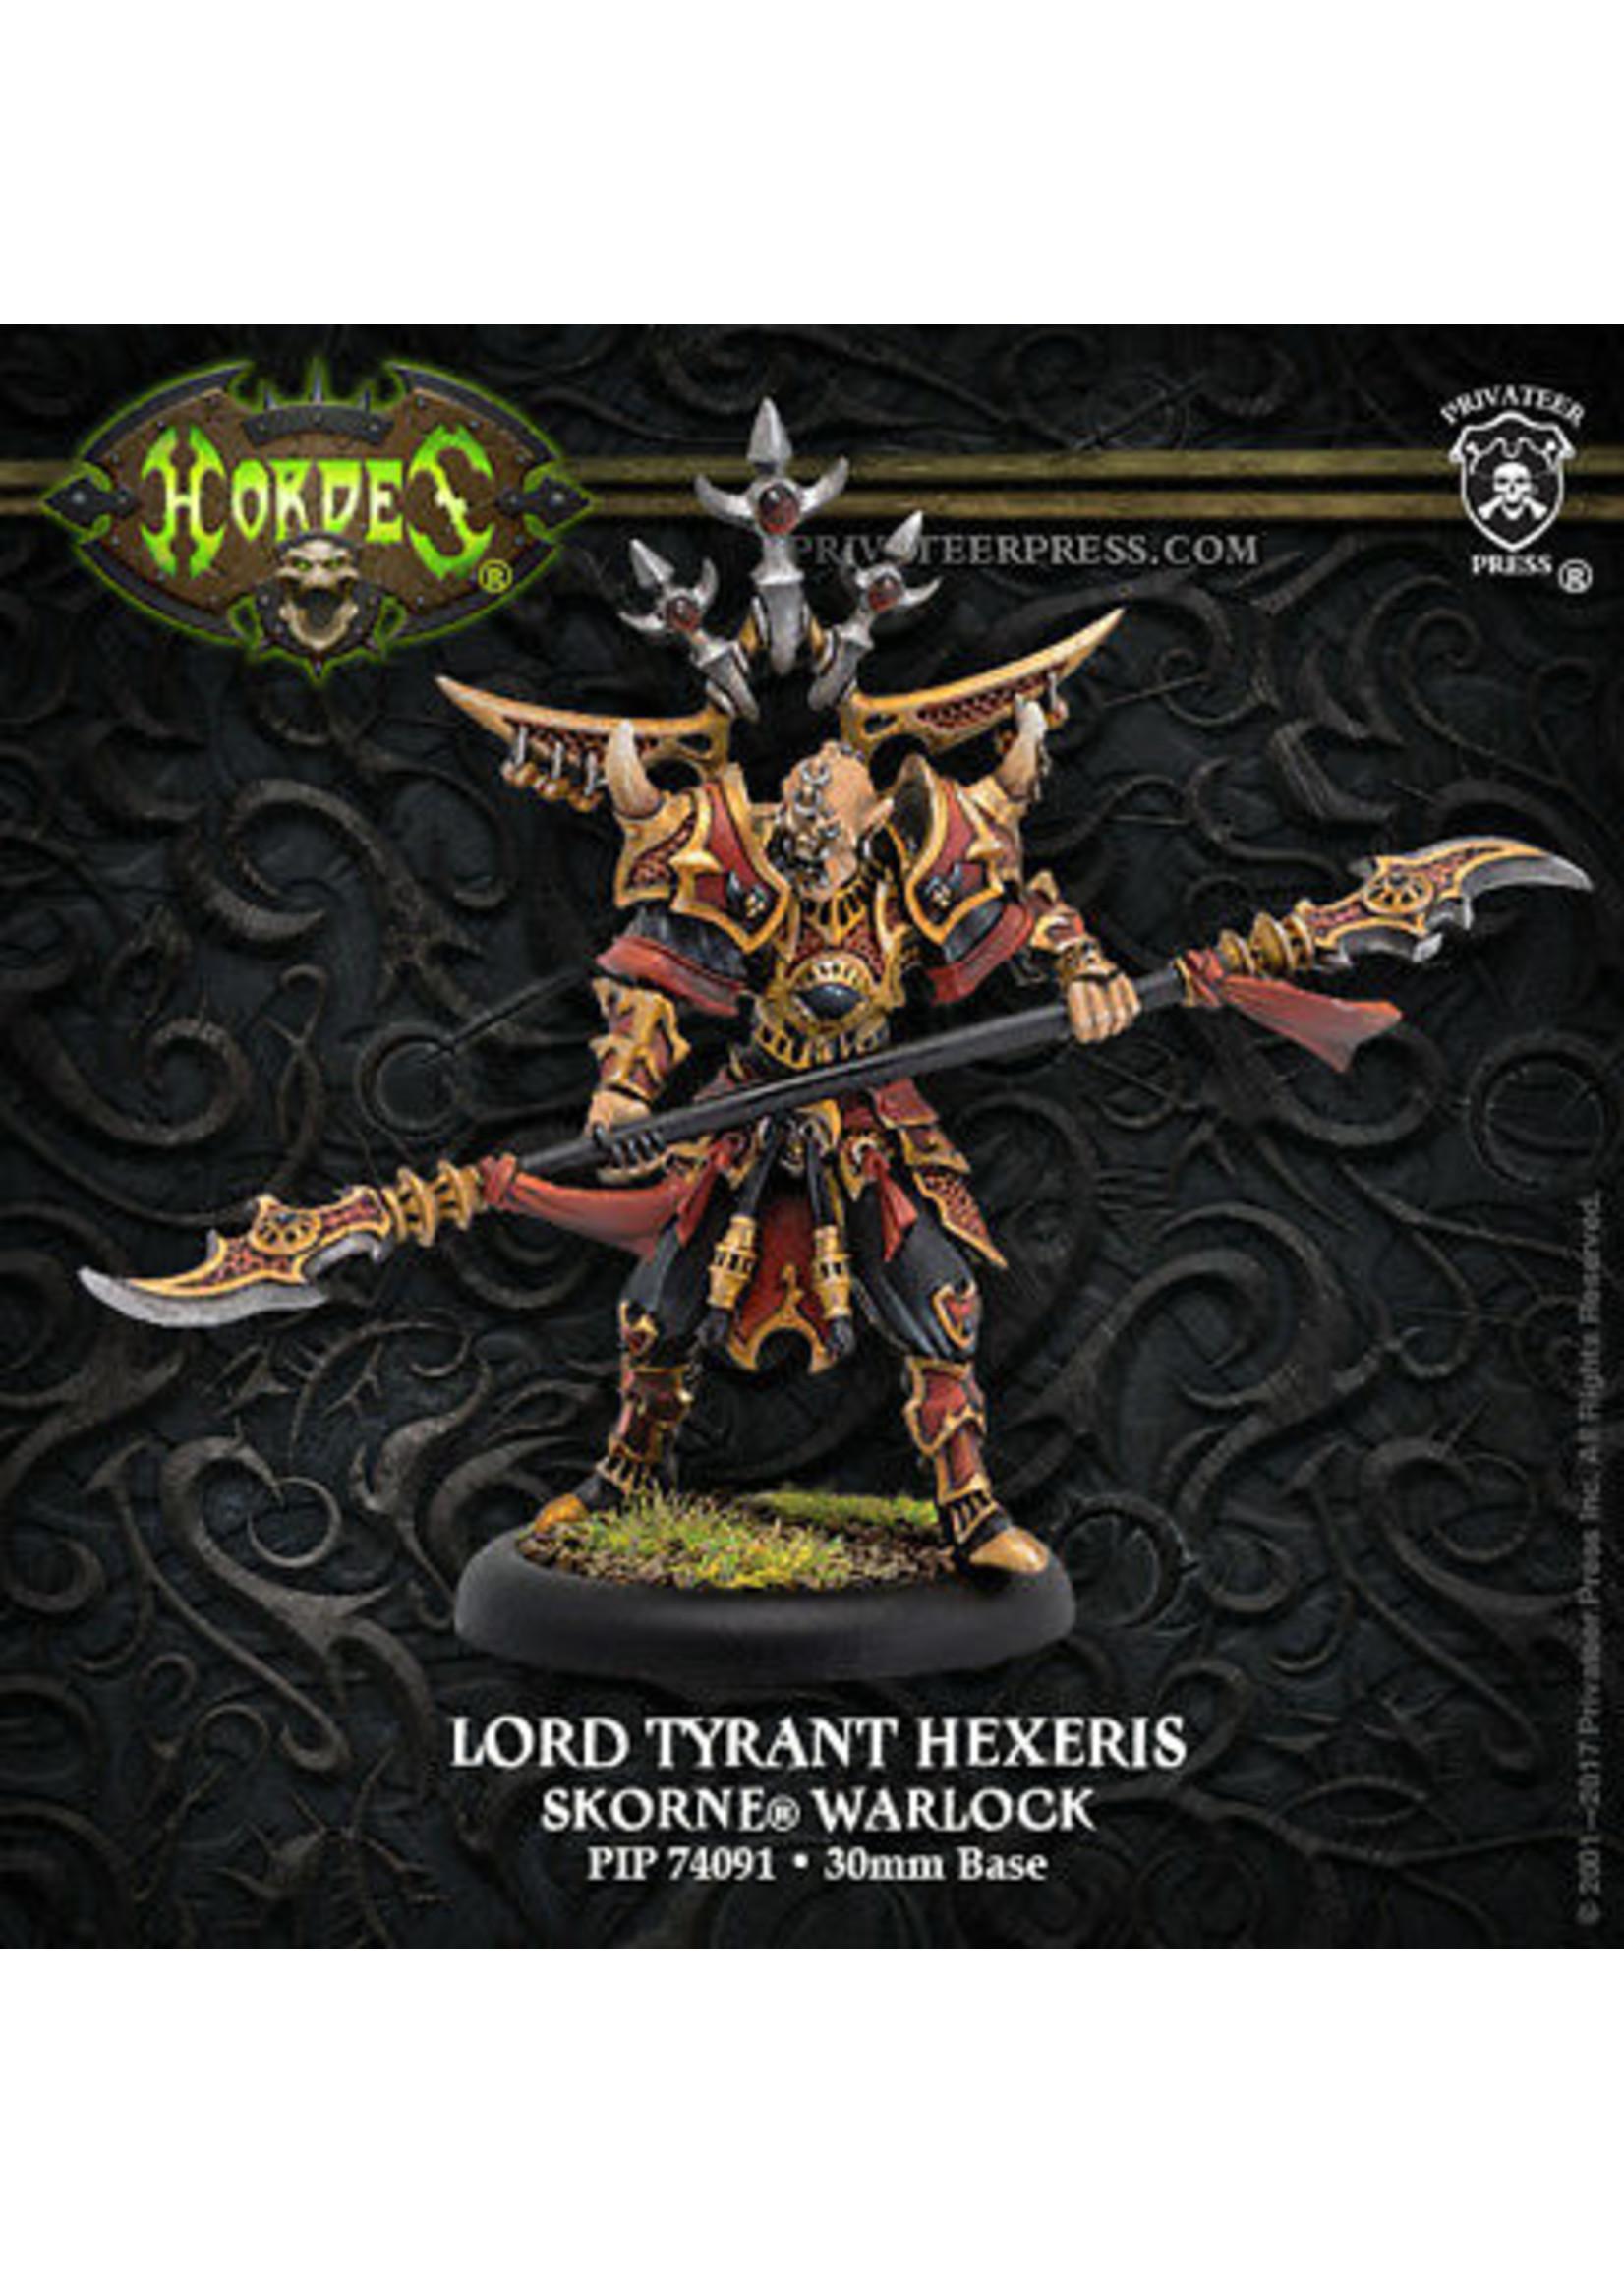 Hordes: Skorne Lord Tyrant Hexeris Warlock (White Metal Resculpt)